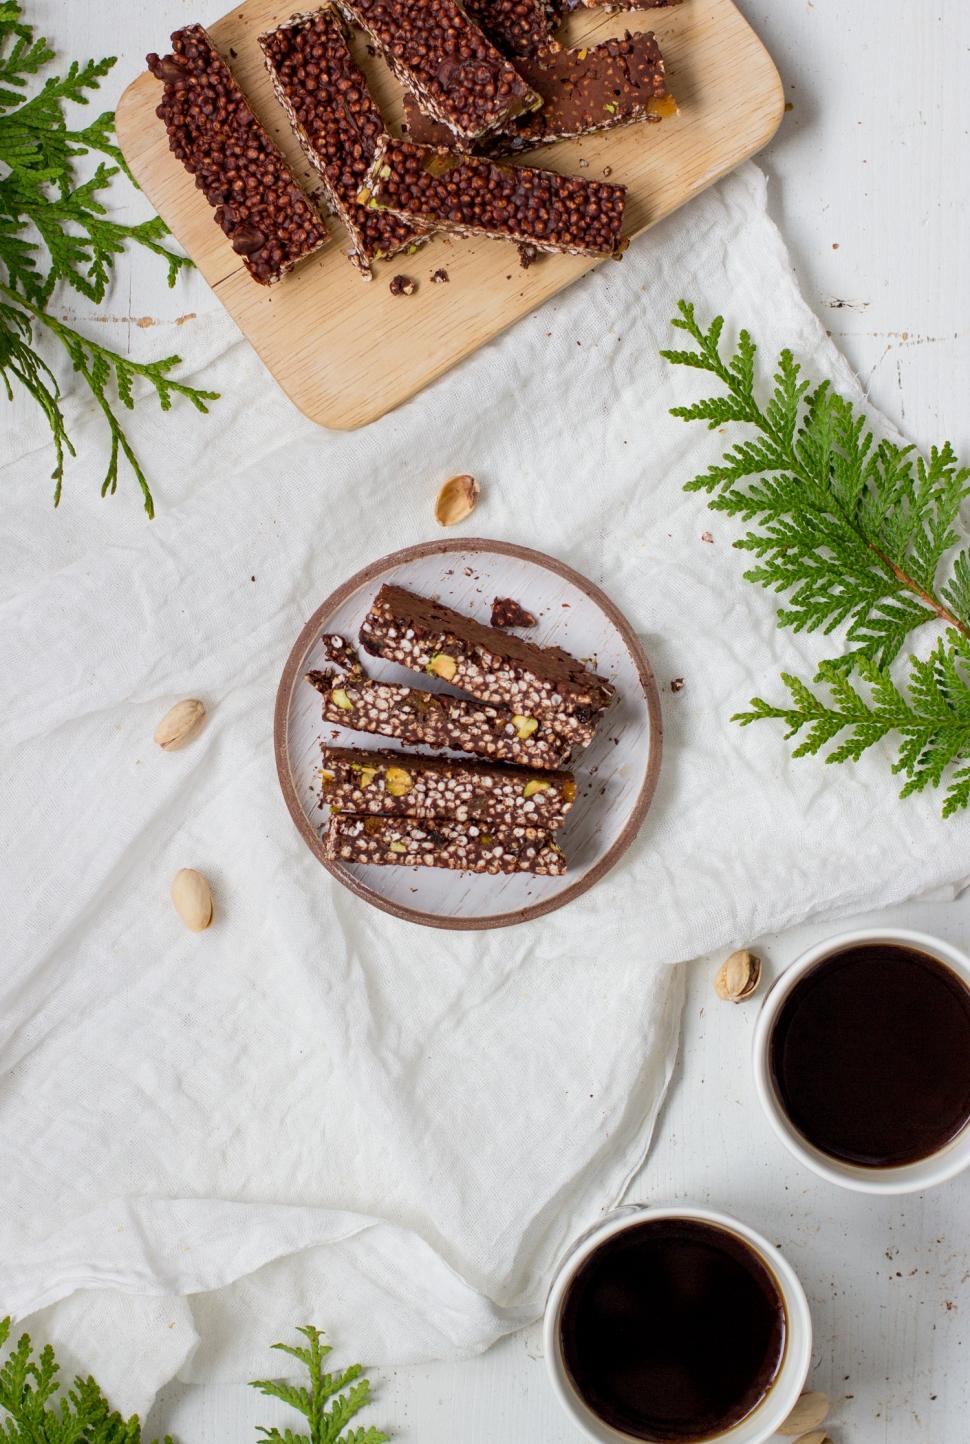 Jouluiset suklaa-quinoapatukat